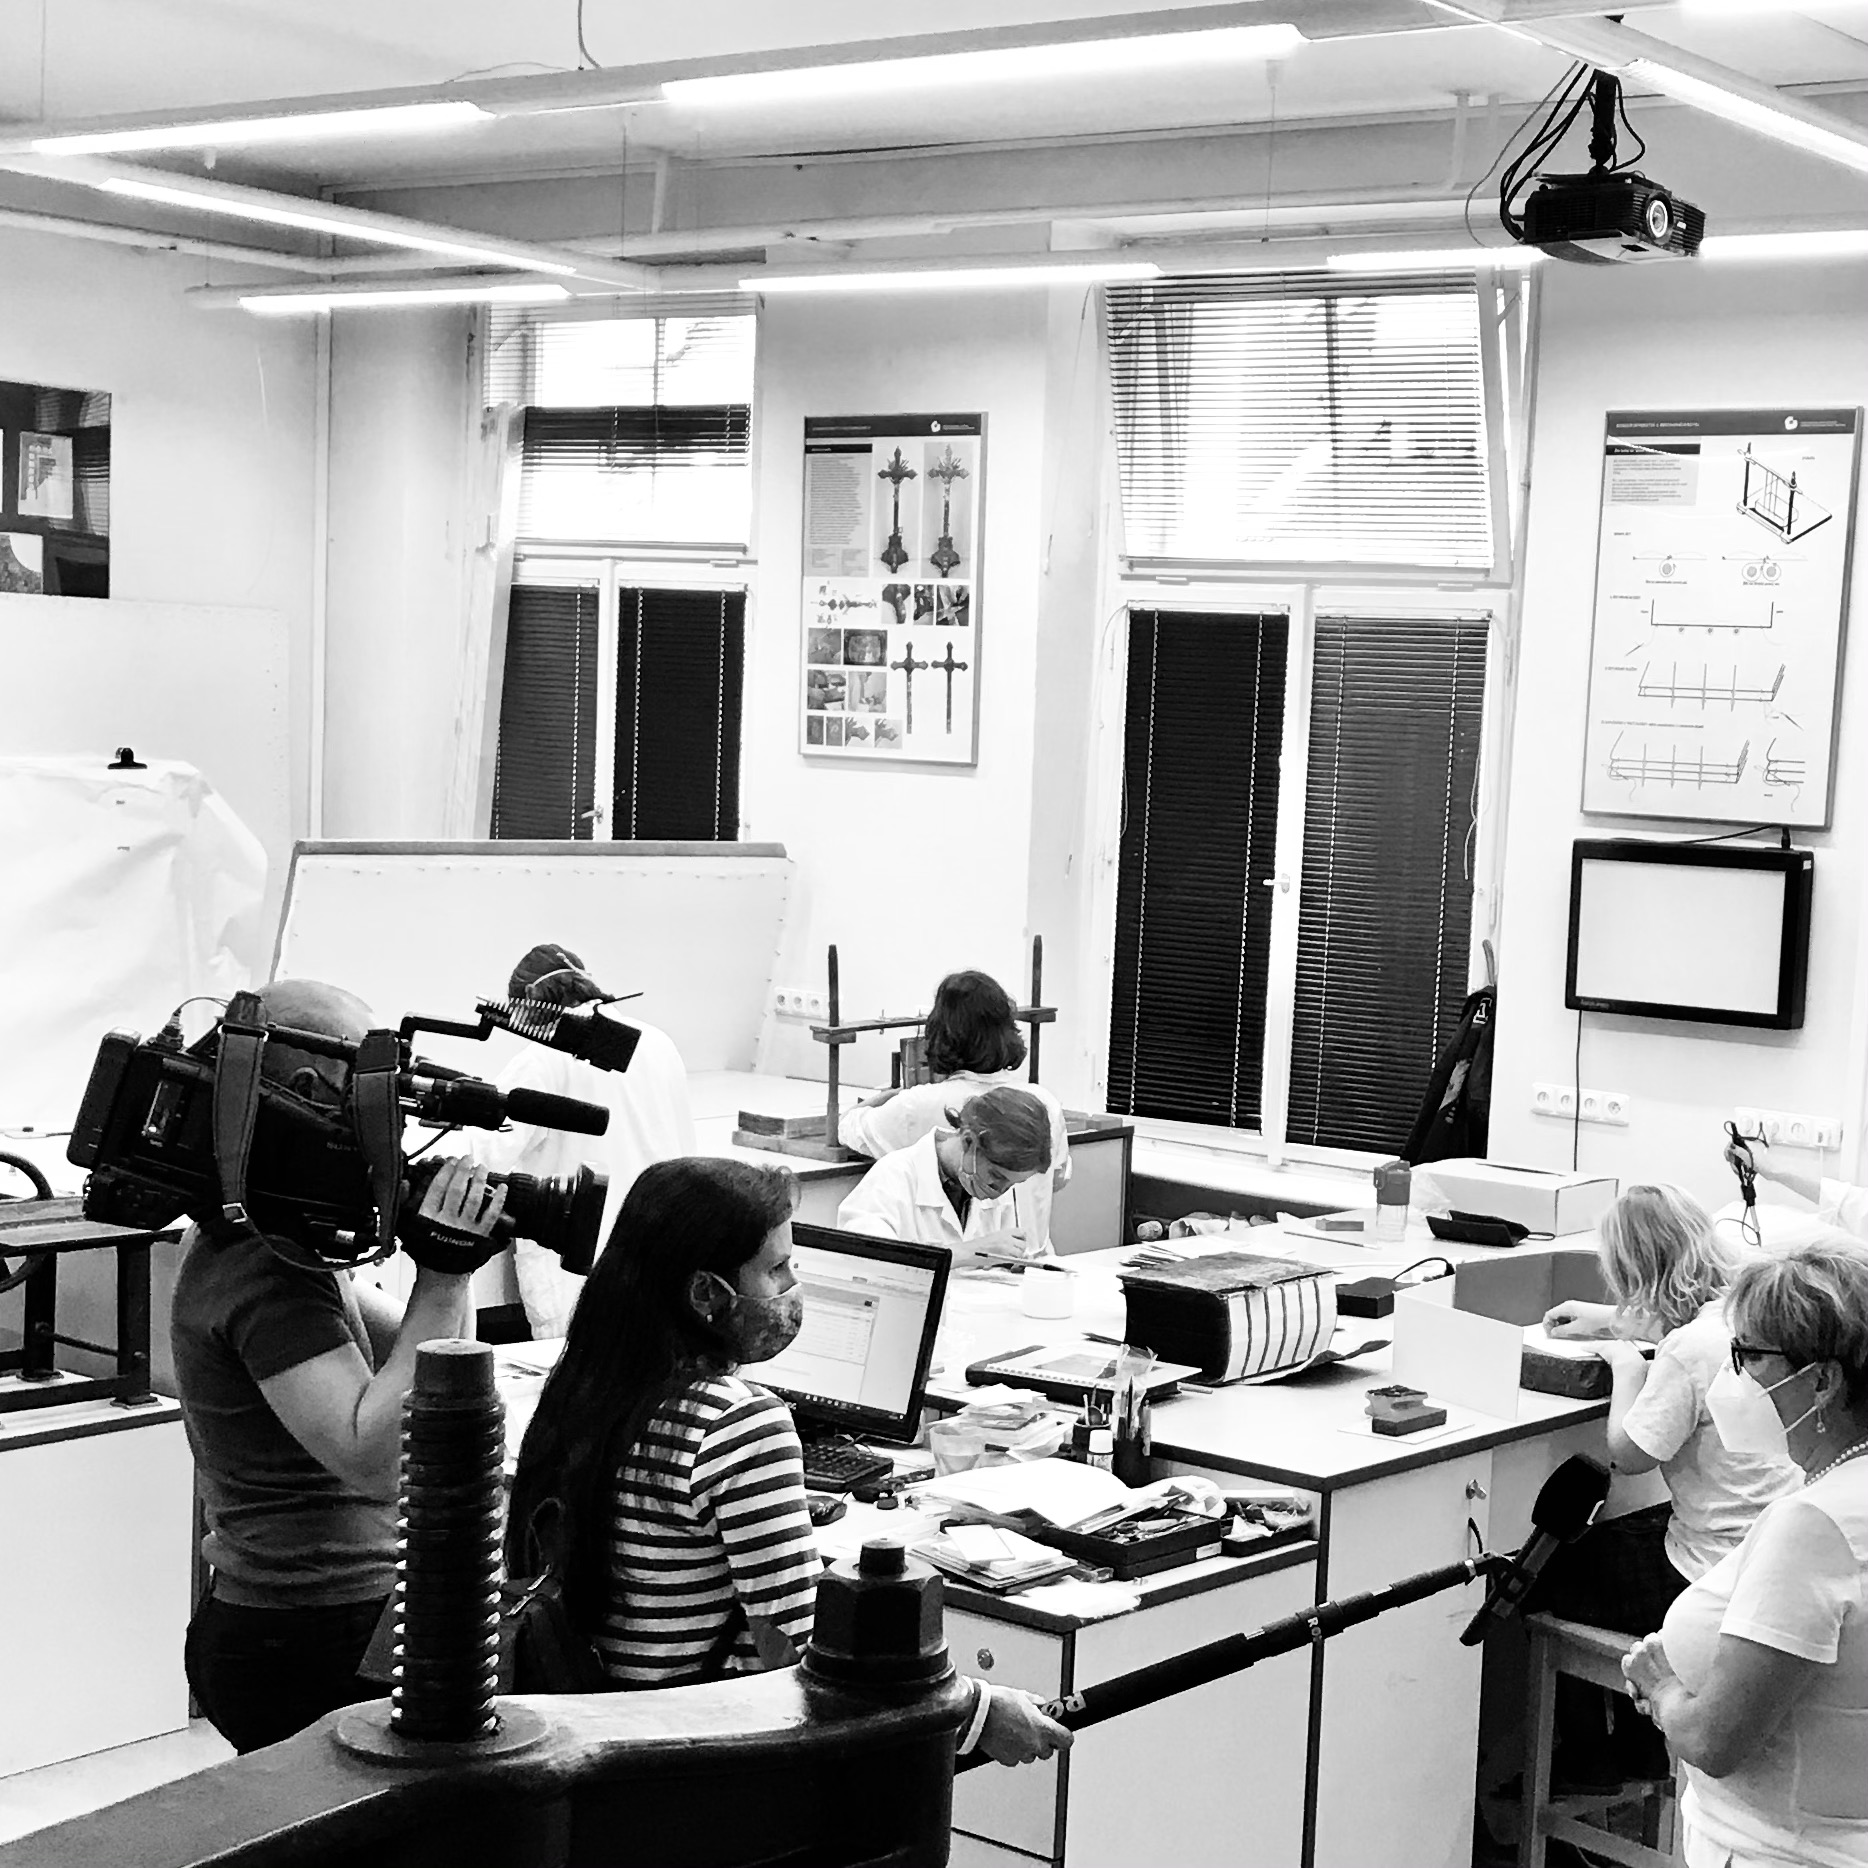 Natáčení reportáže pro pořad Zmetropole<br>23.9.2020